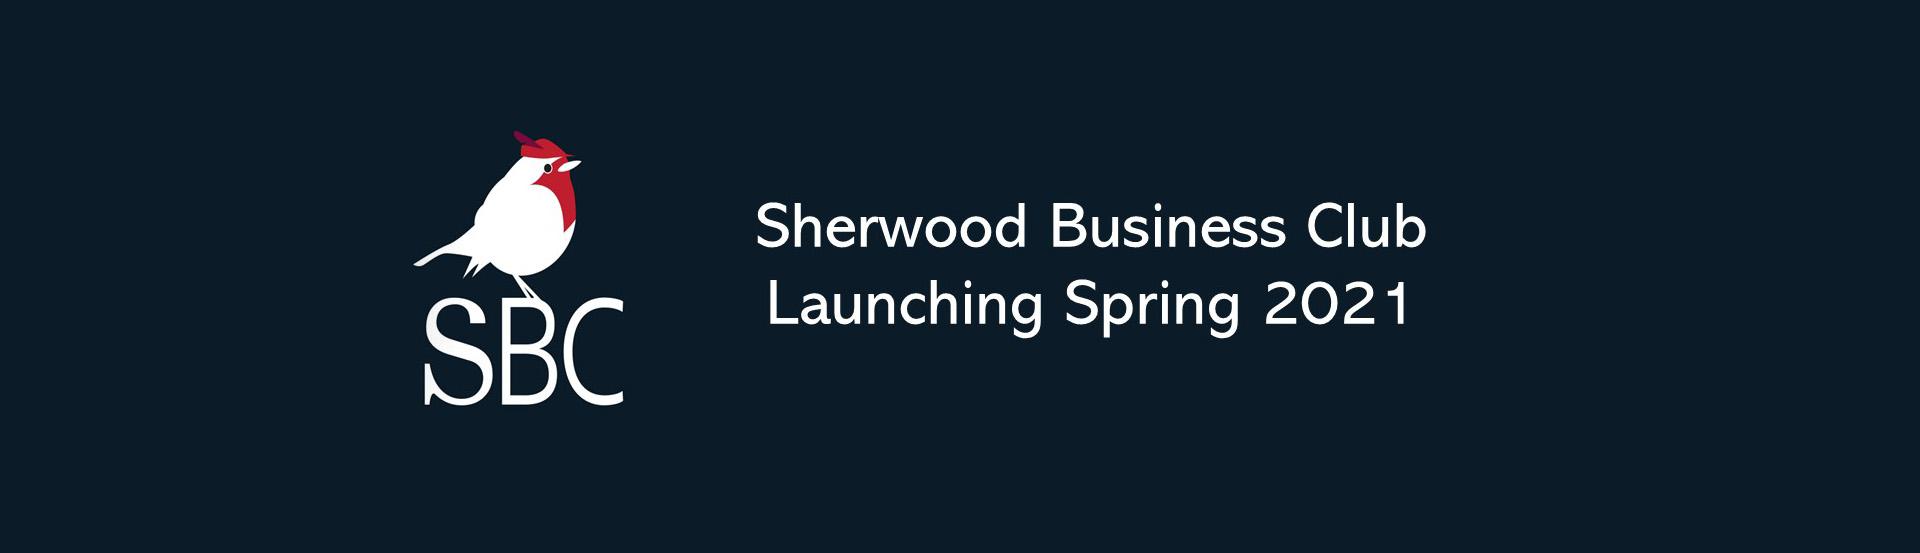 Sherwood Business Club